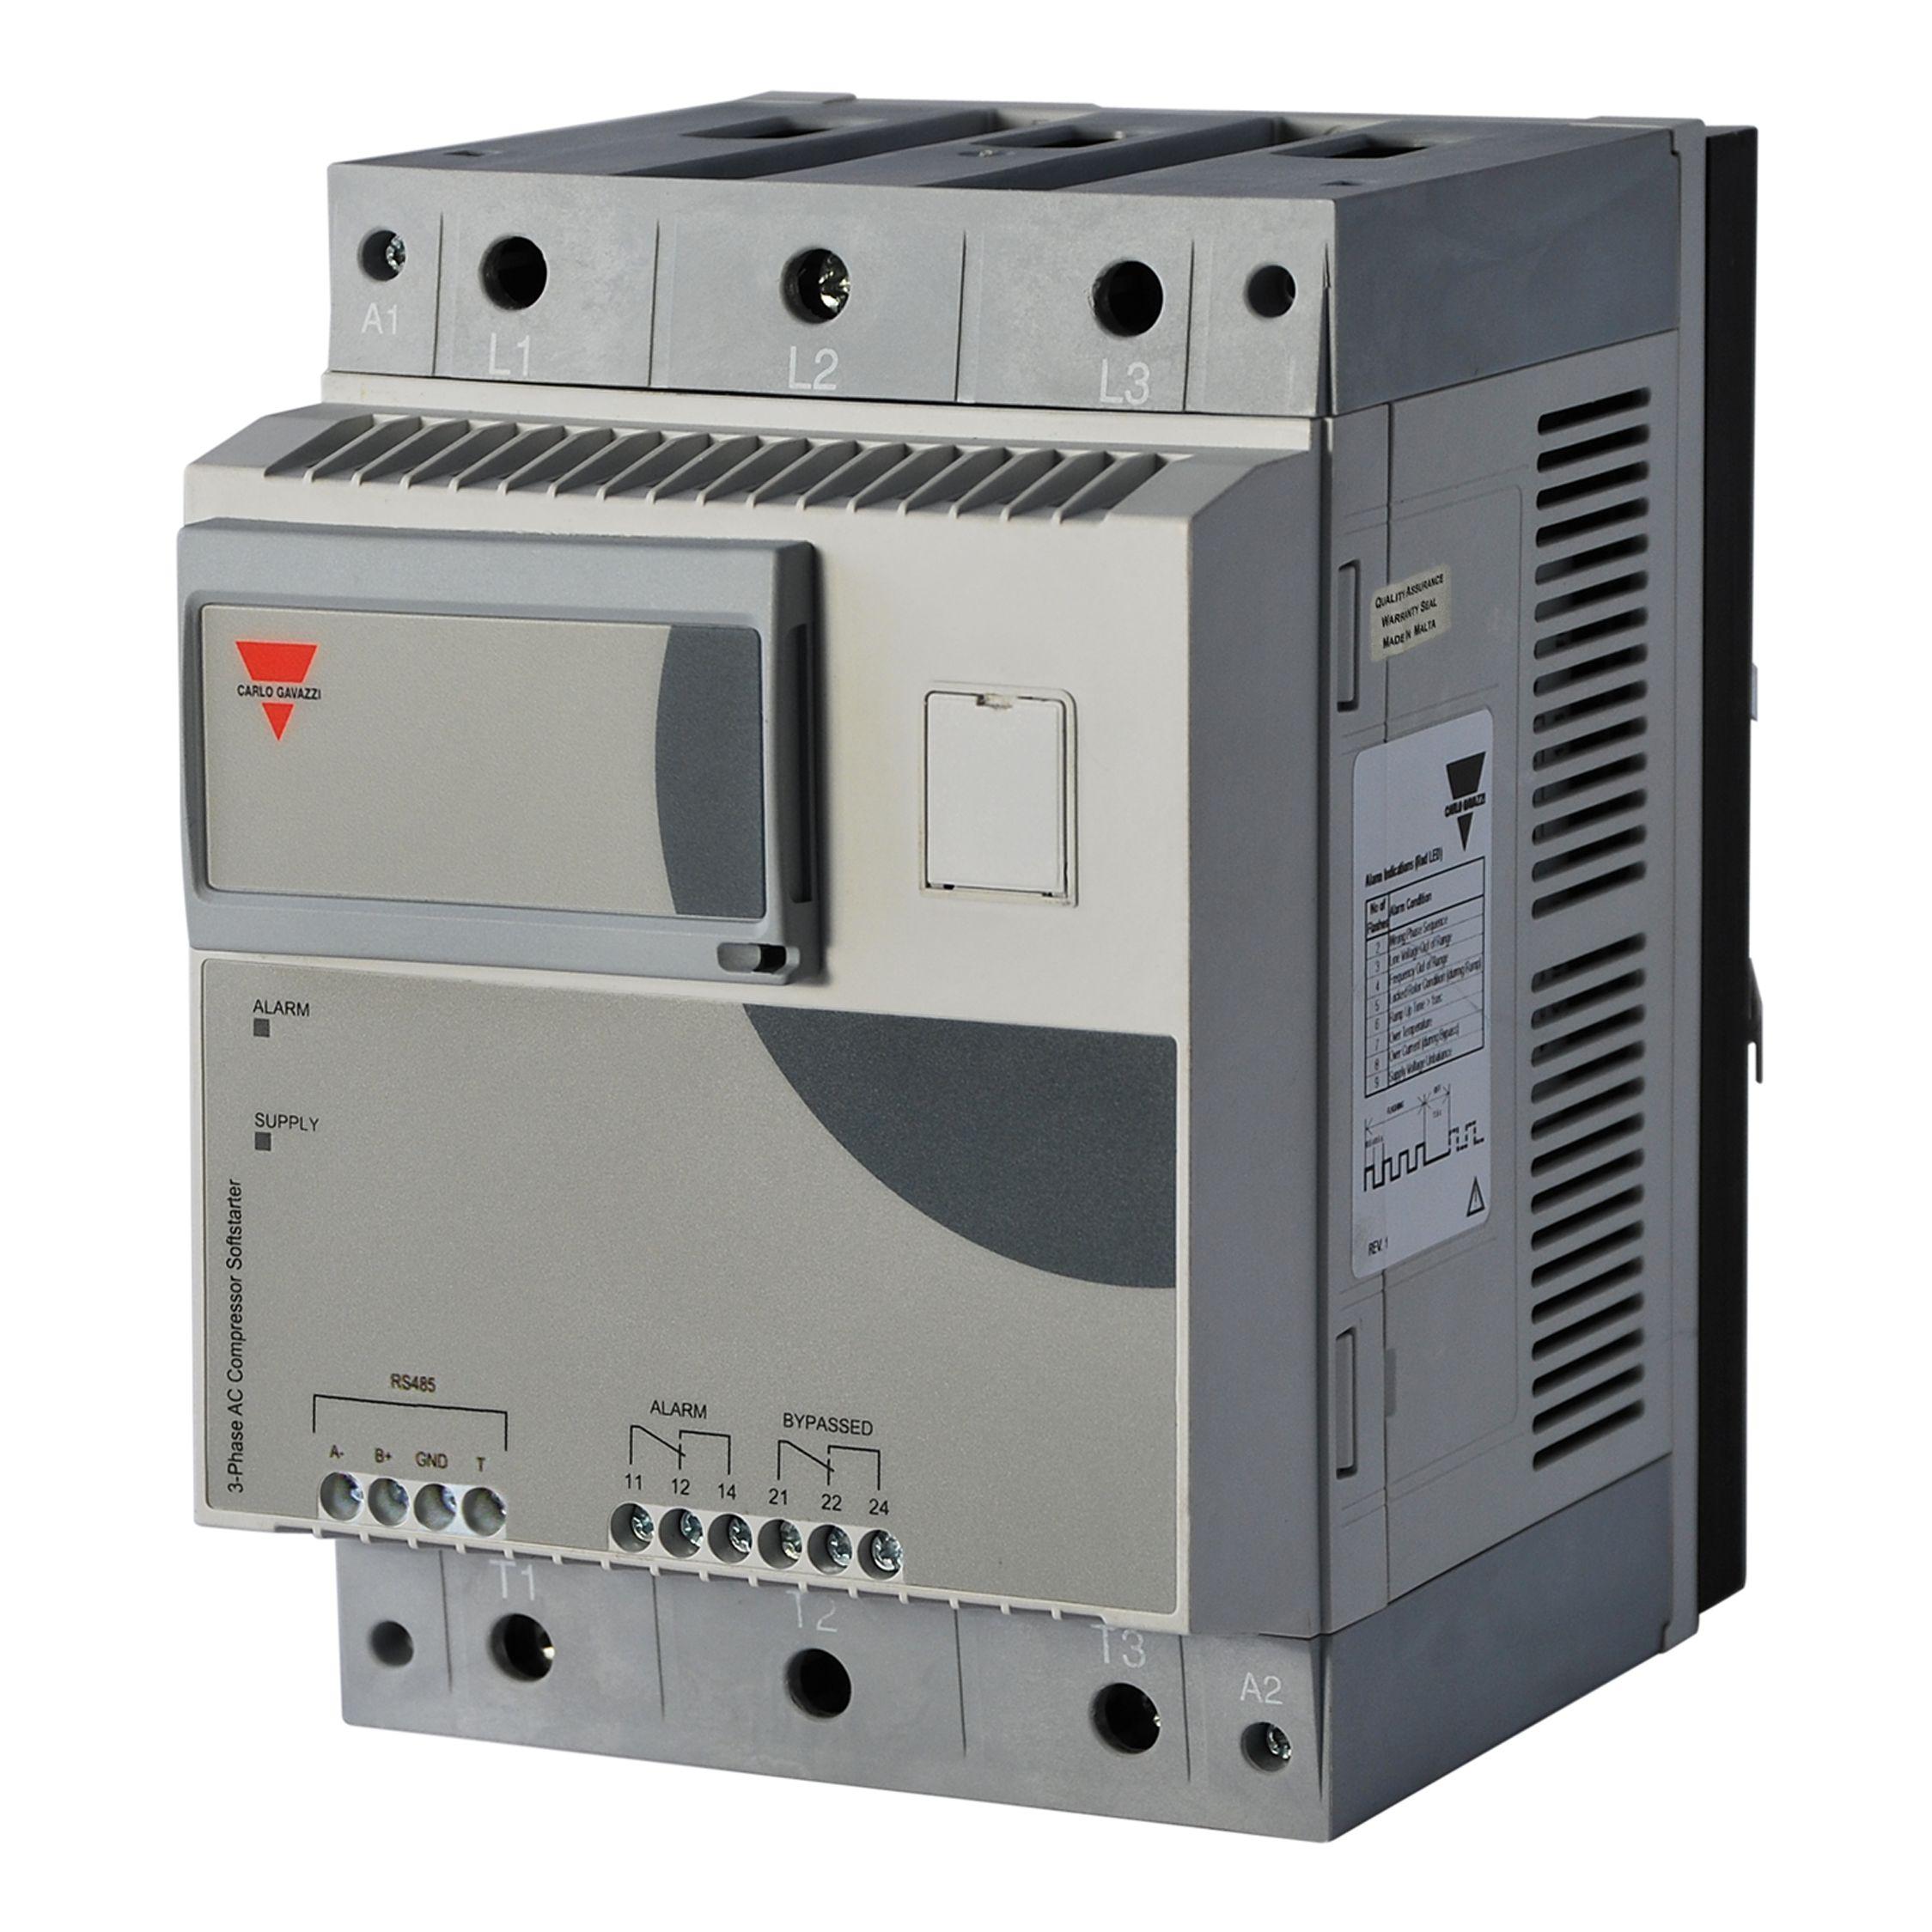 RSBT48 Mjukstartare Scrollkompressorer